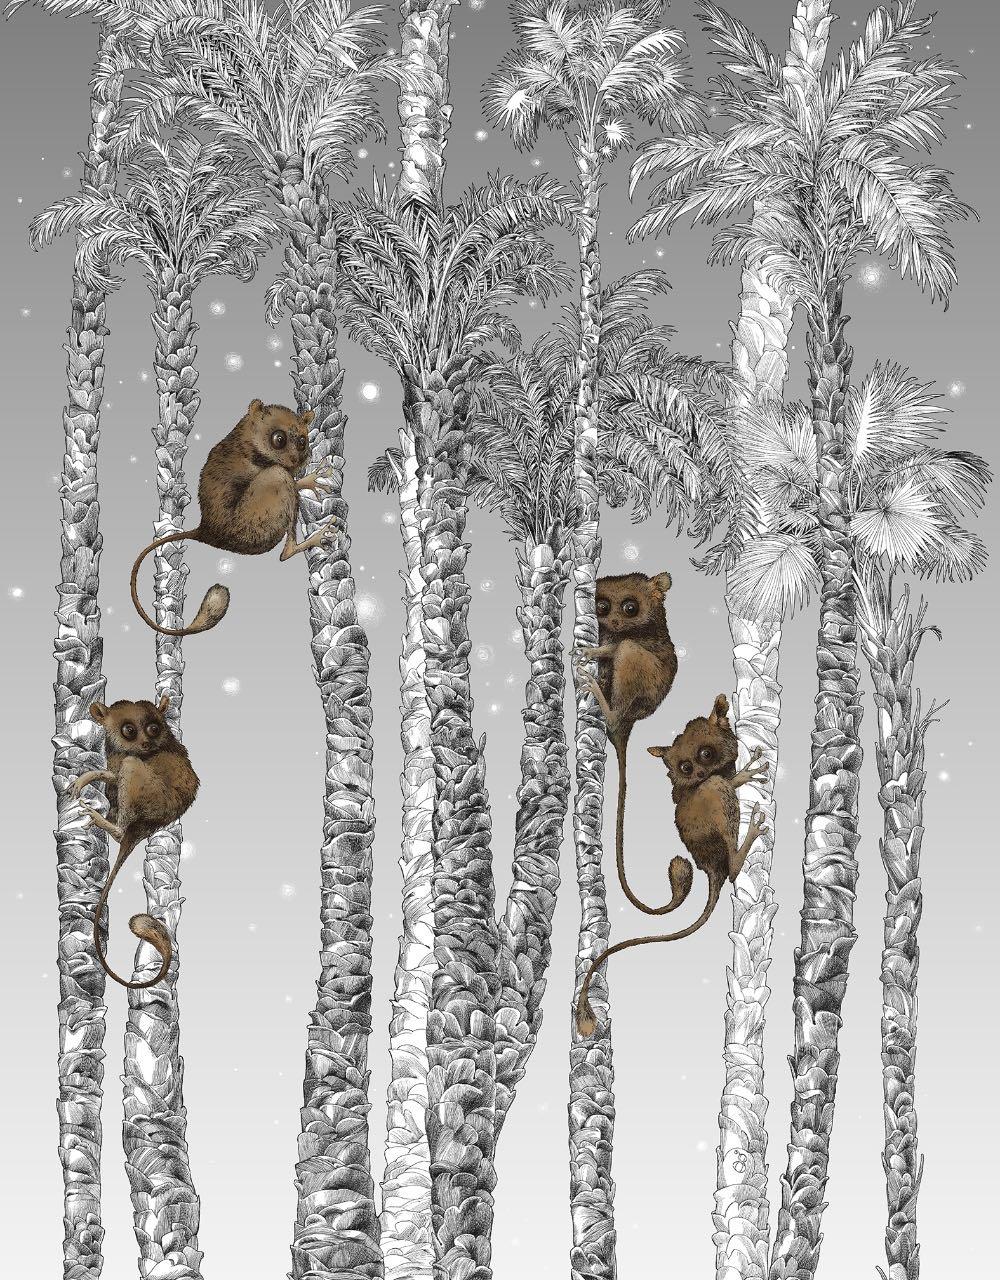 フランス壁紙 1ロール(3m) フリース(不織布) - 防炎加工 by キャサリン・グラン 《ヌイ・コスミック - 左》 ブラック & ホワイト by Edmond Petit (エドモンプティ)